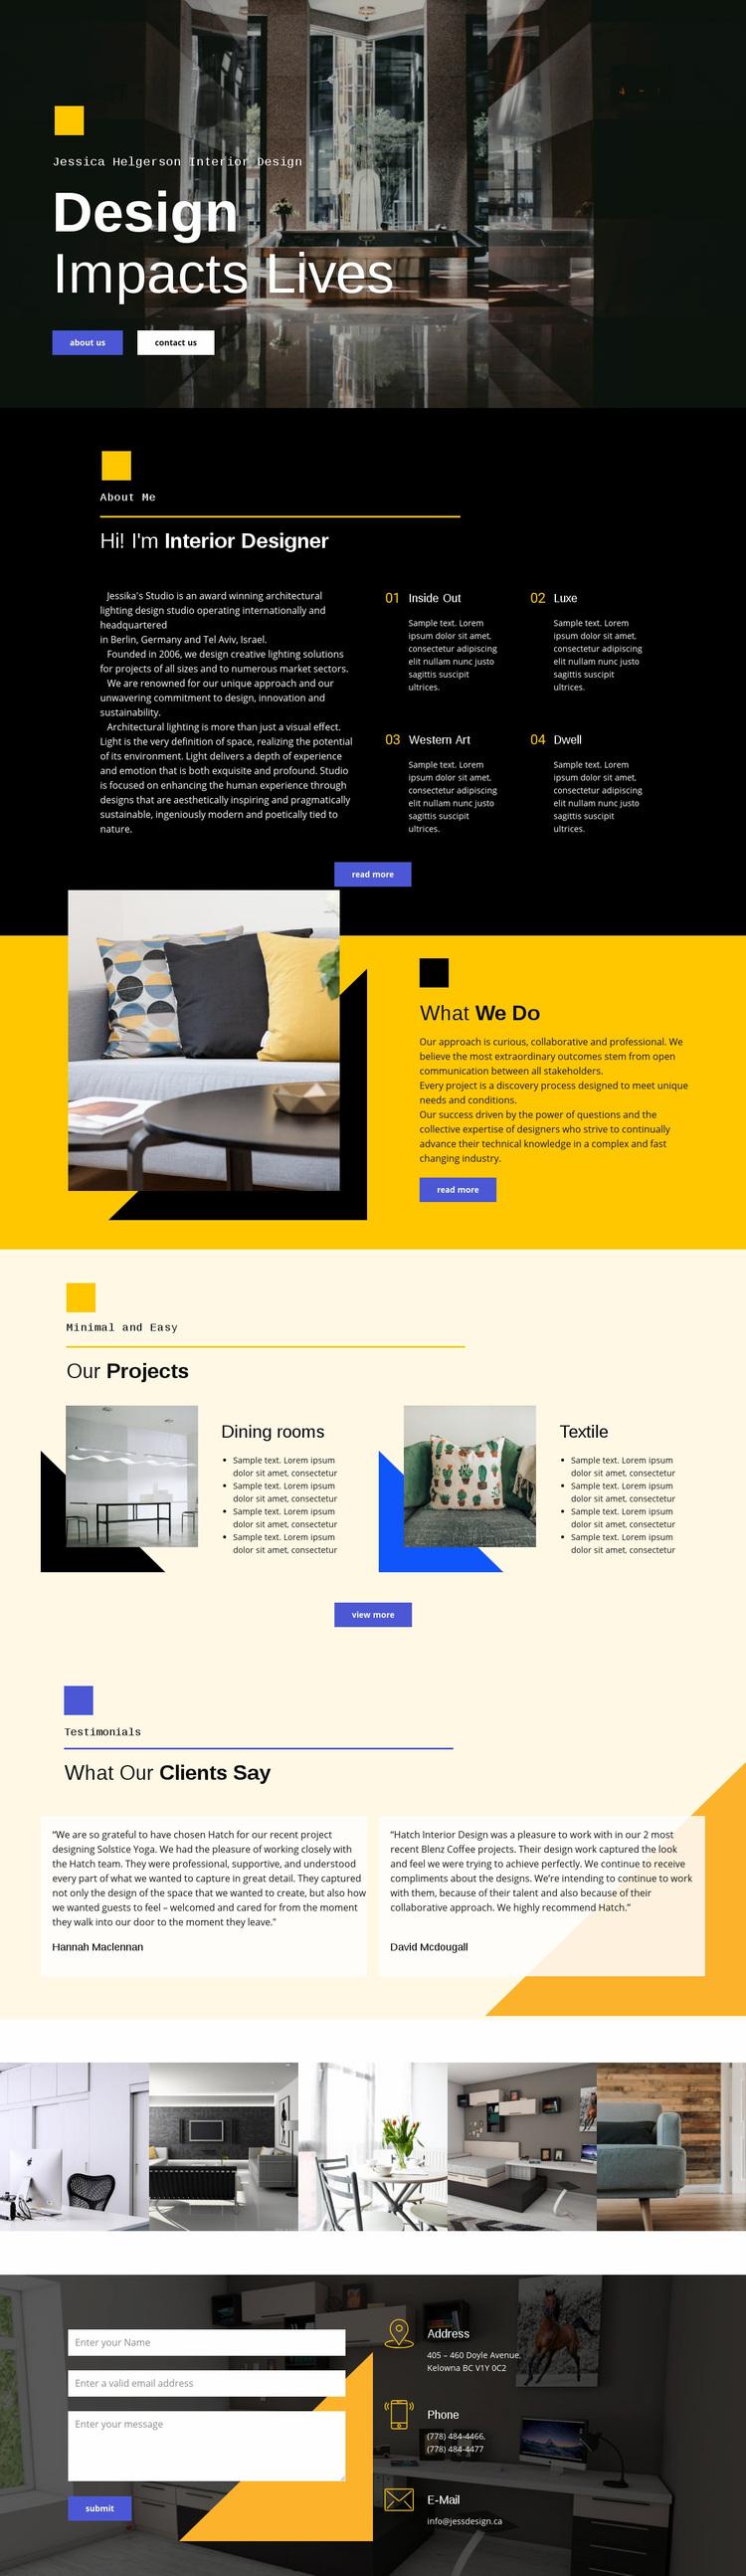 Design affects life Web Page Designer